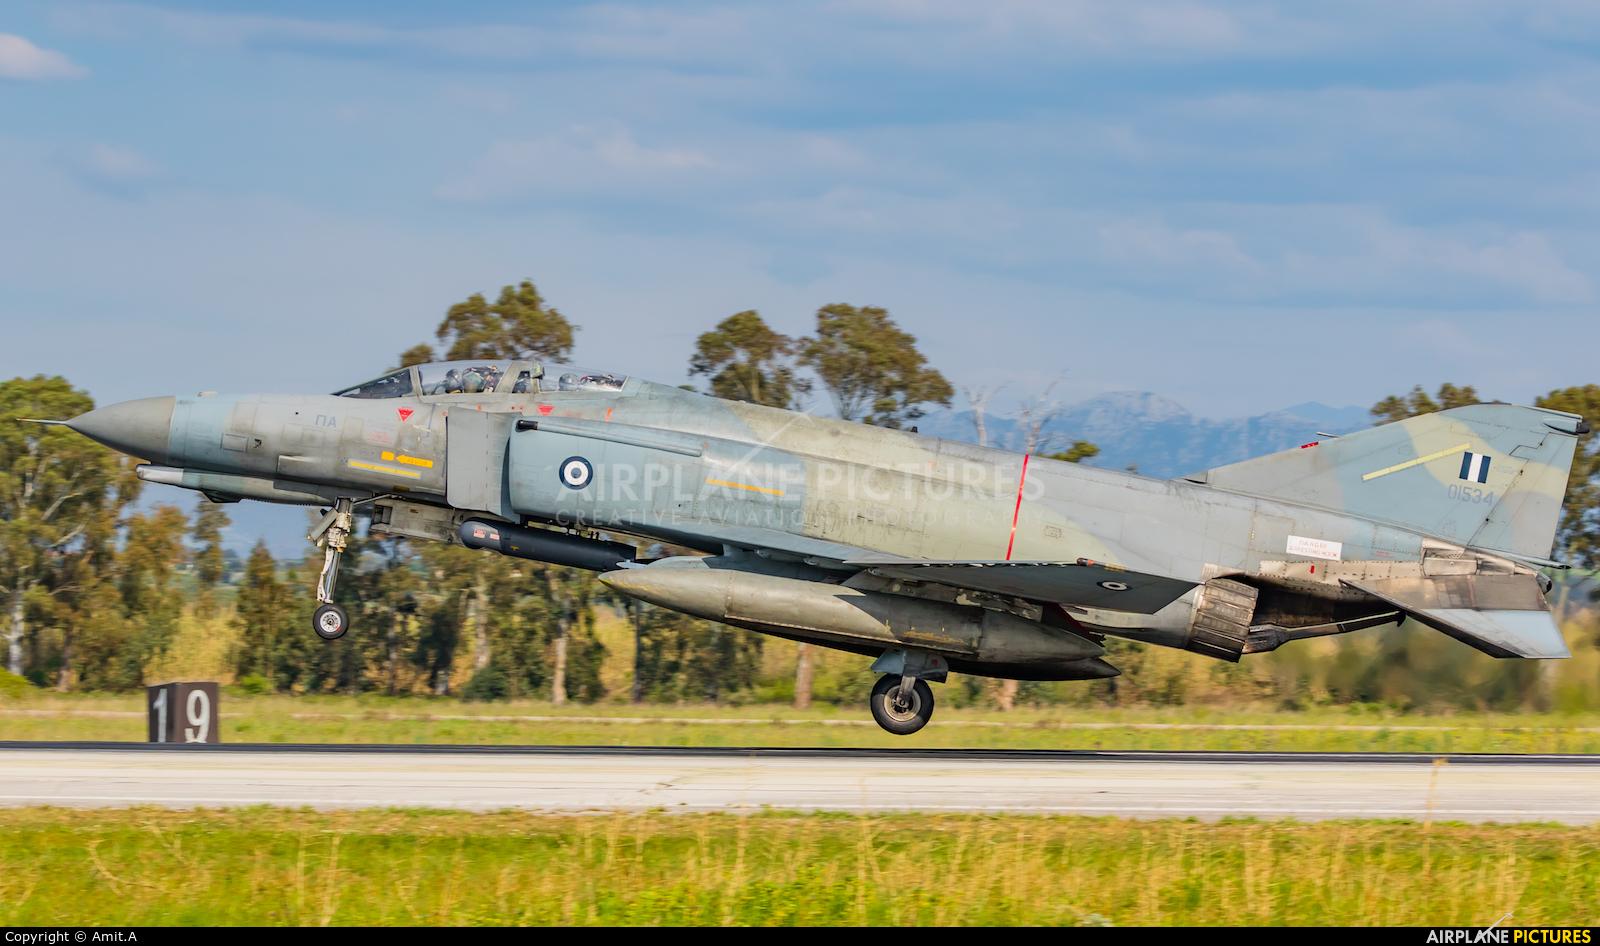 Greece - Hellenic Air Force 01534 aircraft at Andravida AB